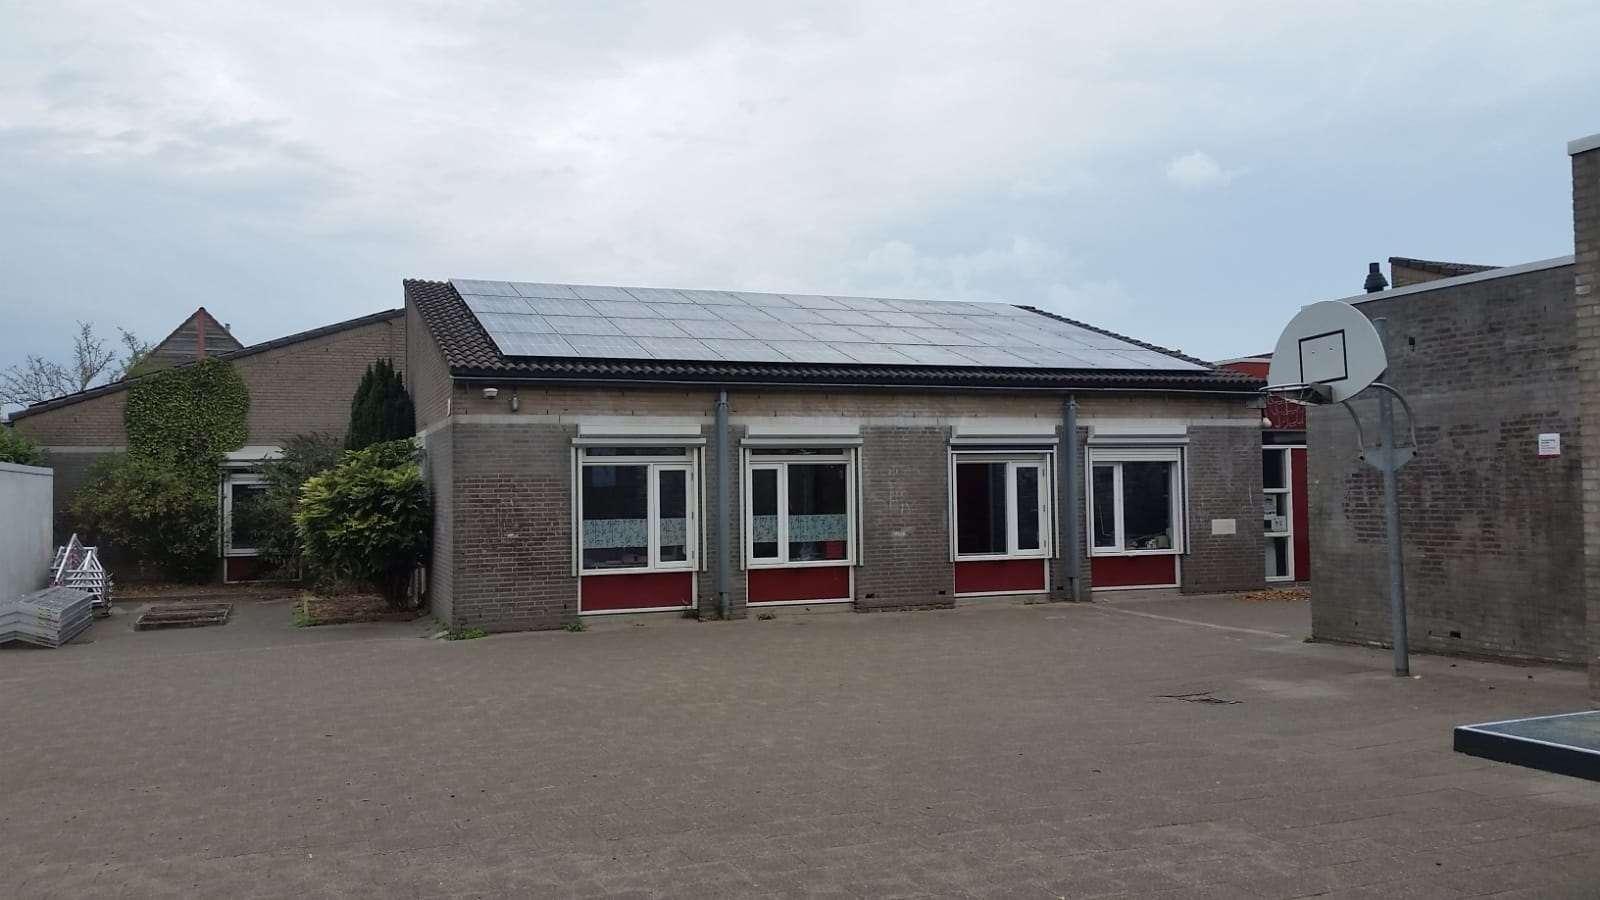 Basisschool Het Gein heeft zonnepanelen